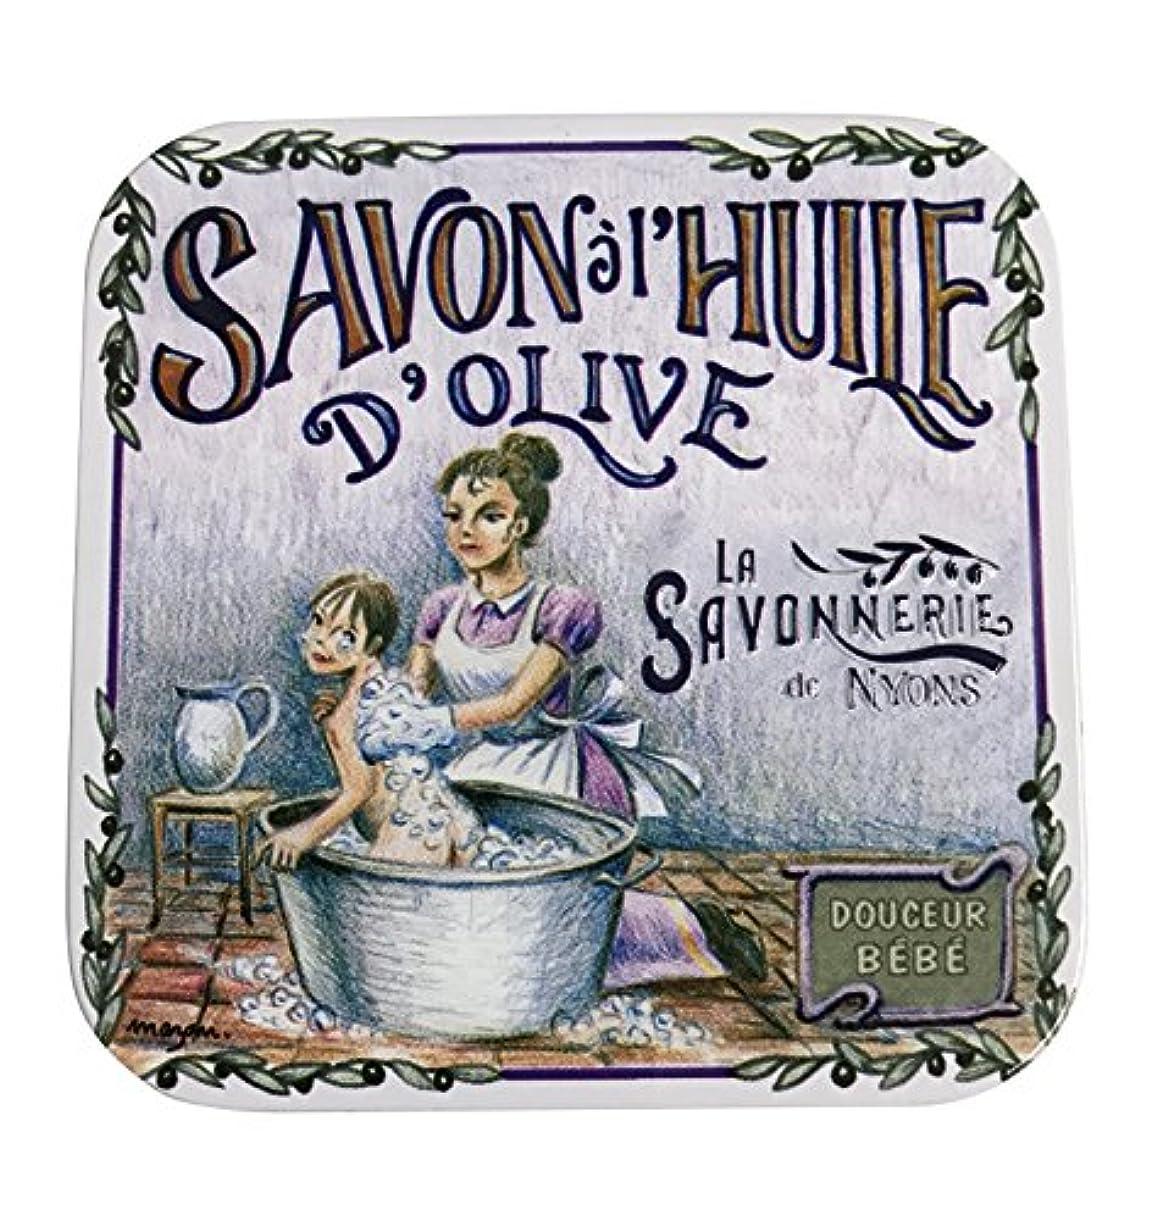 宿泊落胆する甘美なラ?サボネリー アンティーク缶入り石鹸 タイプ100 ハウスワイフ(ローズ)